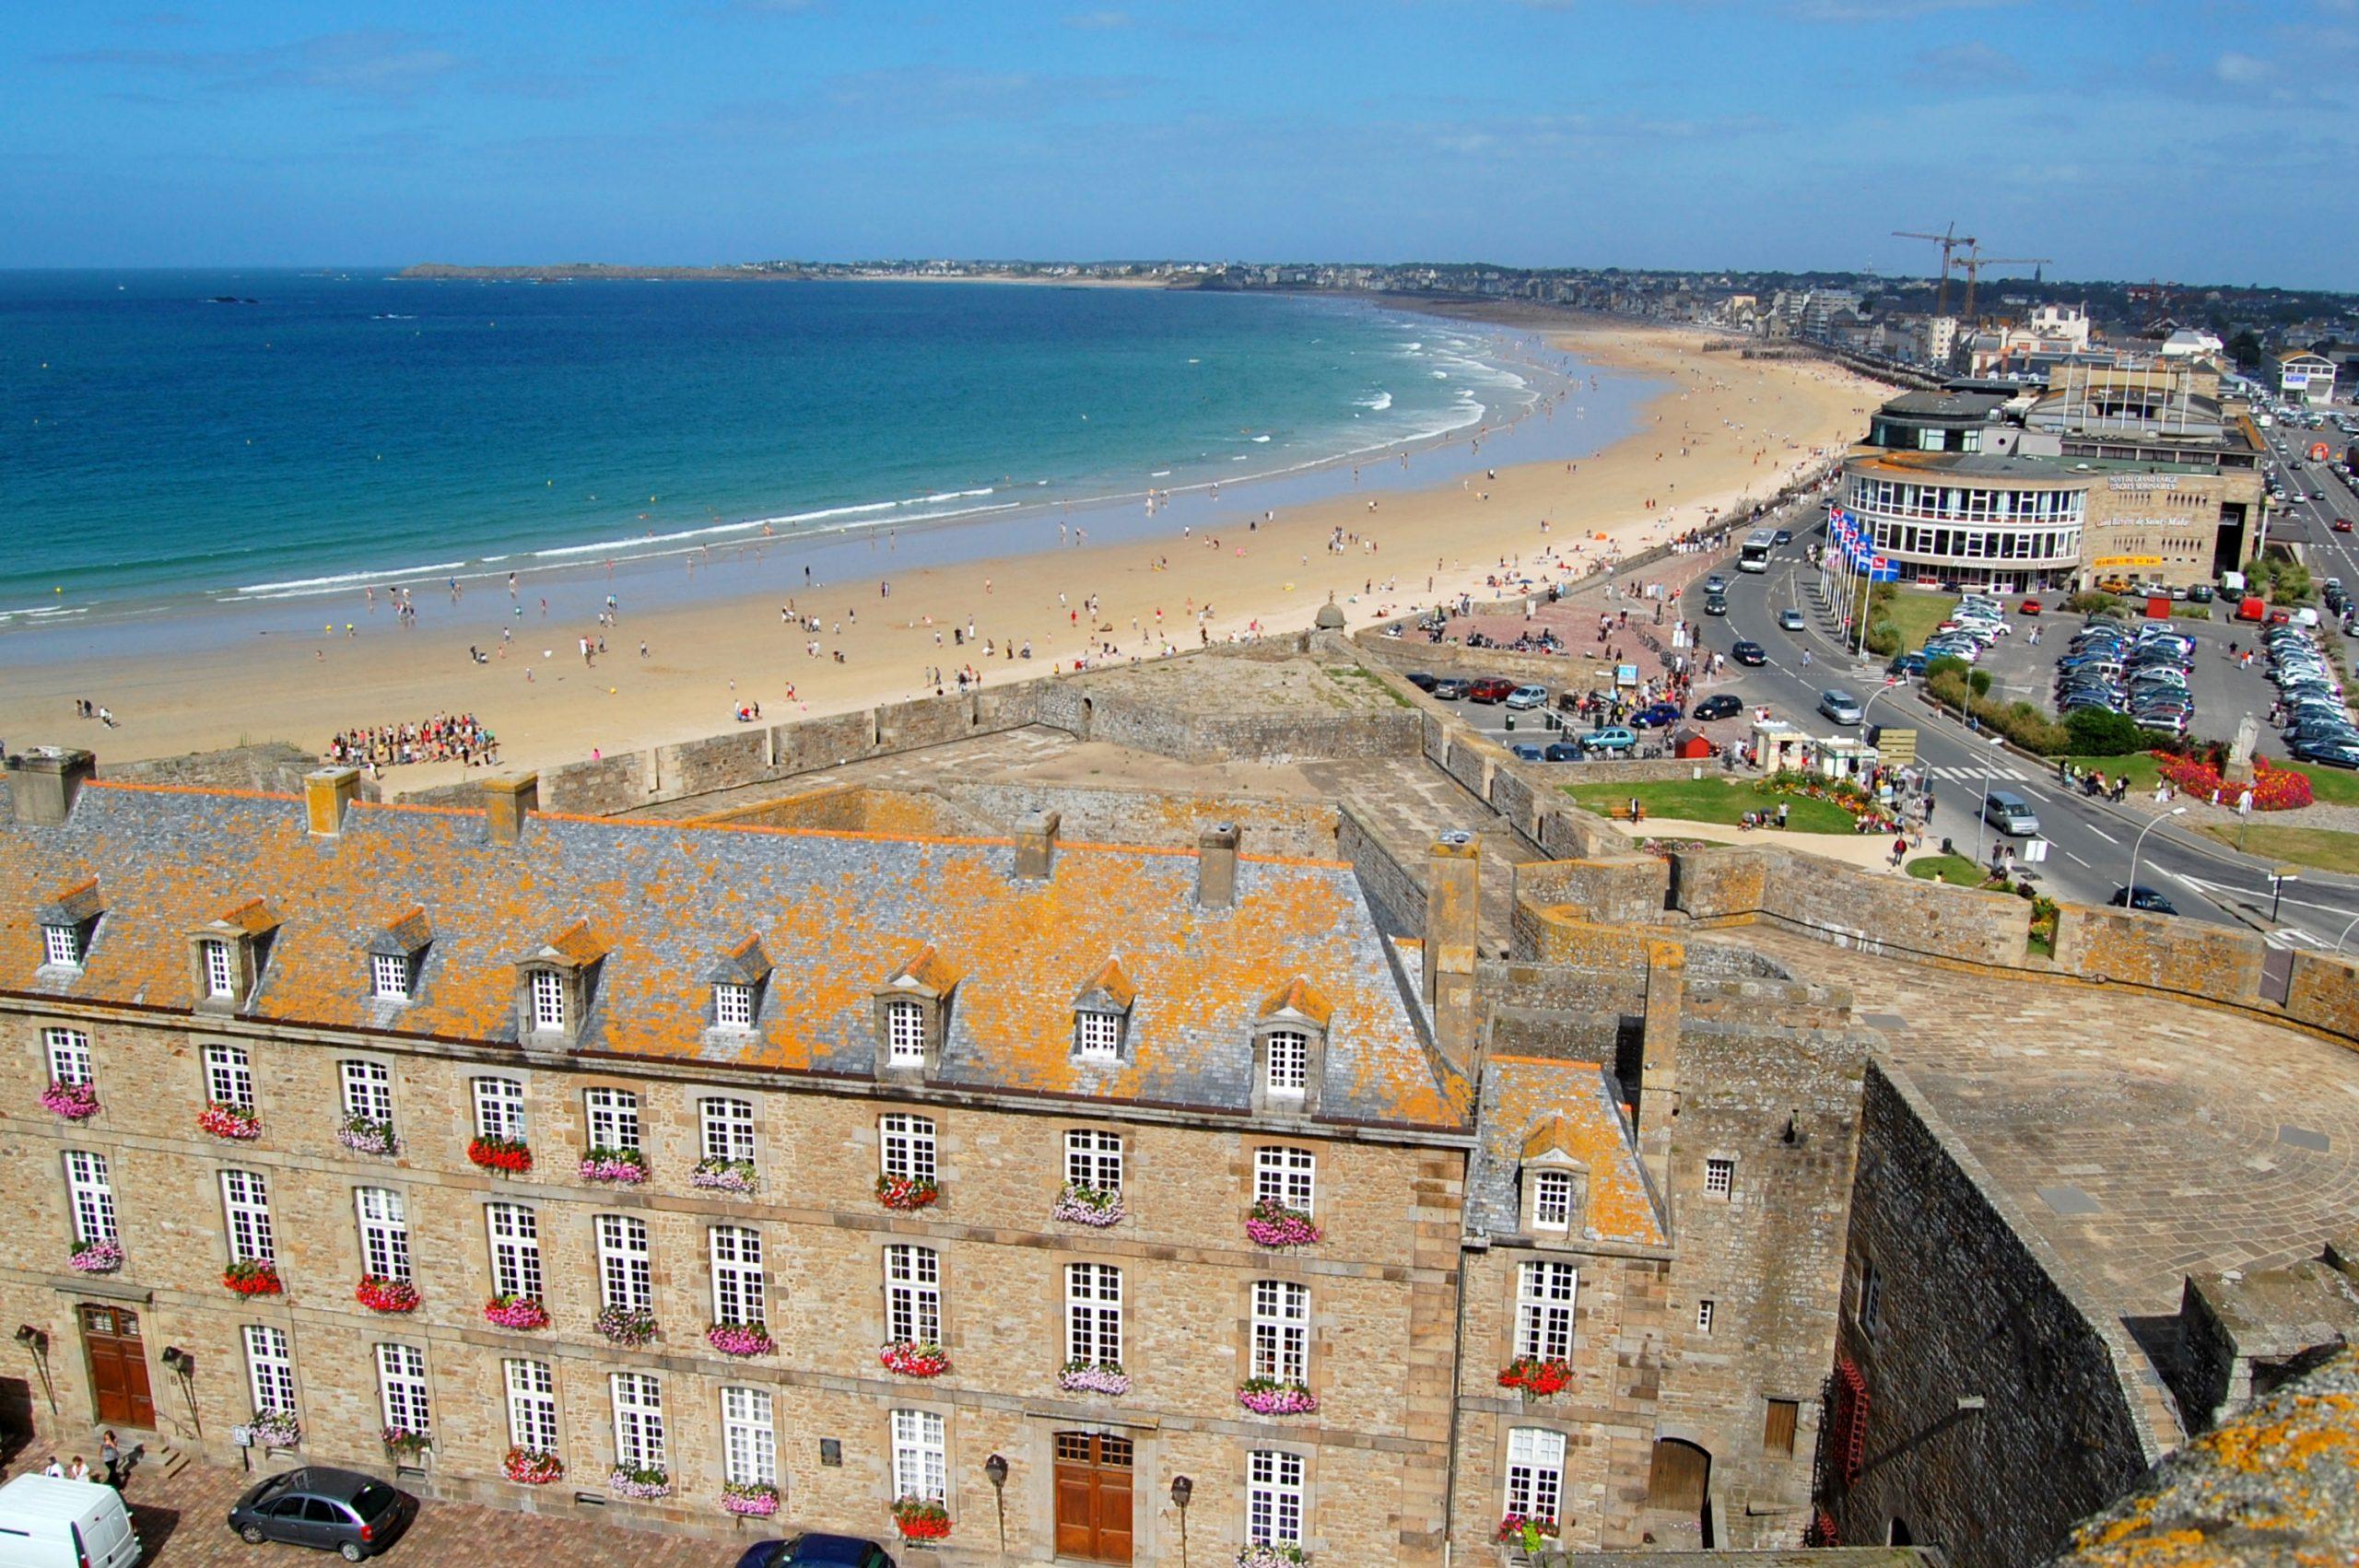 Les 5 visites incontournables lors d'un séjour en Bretagne